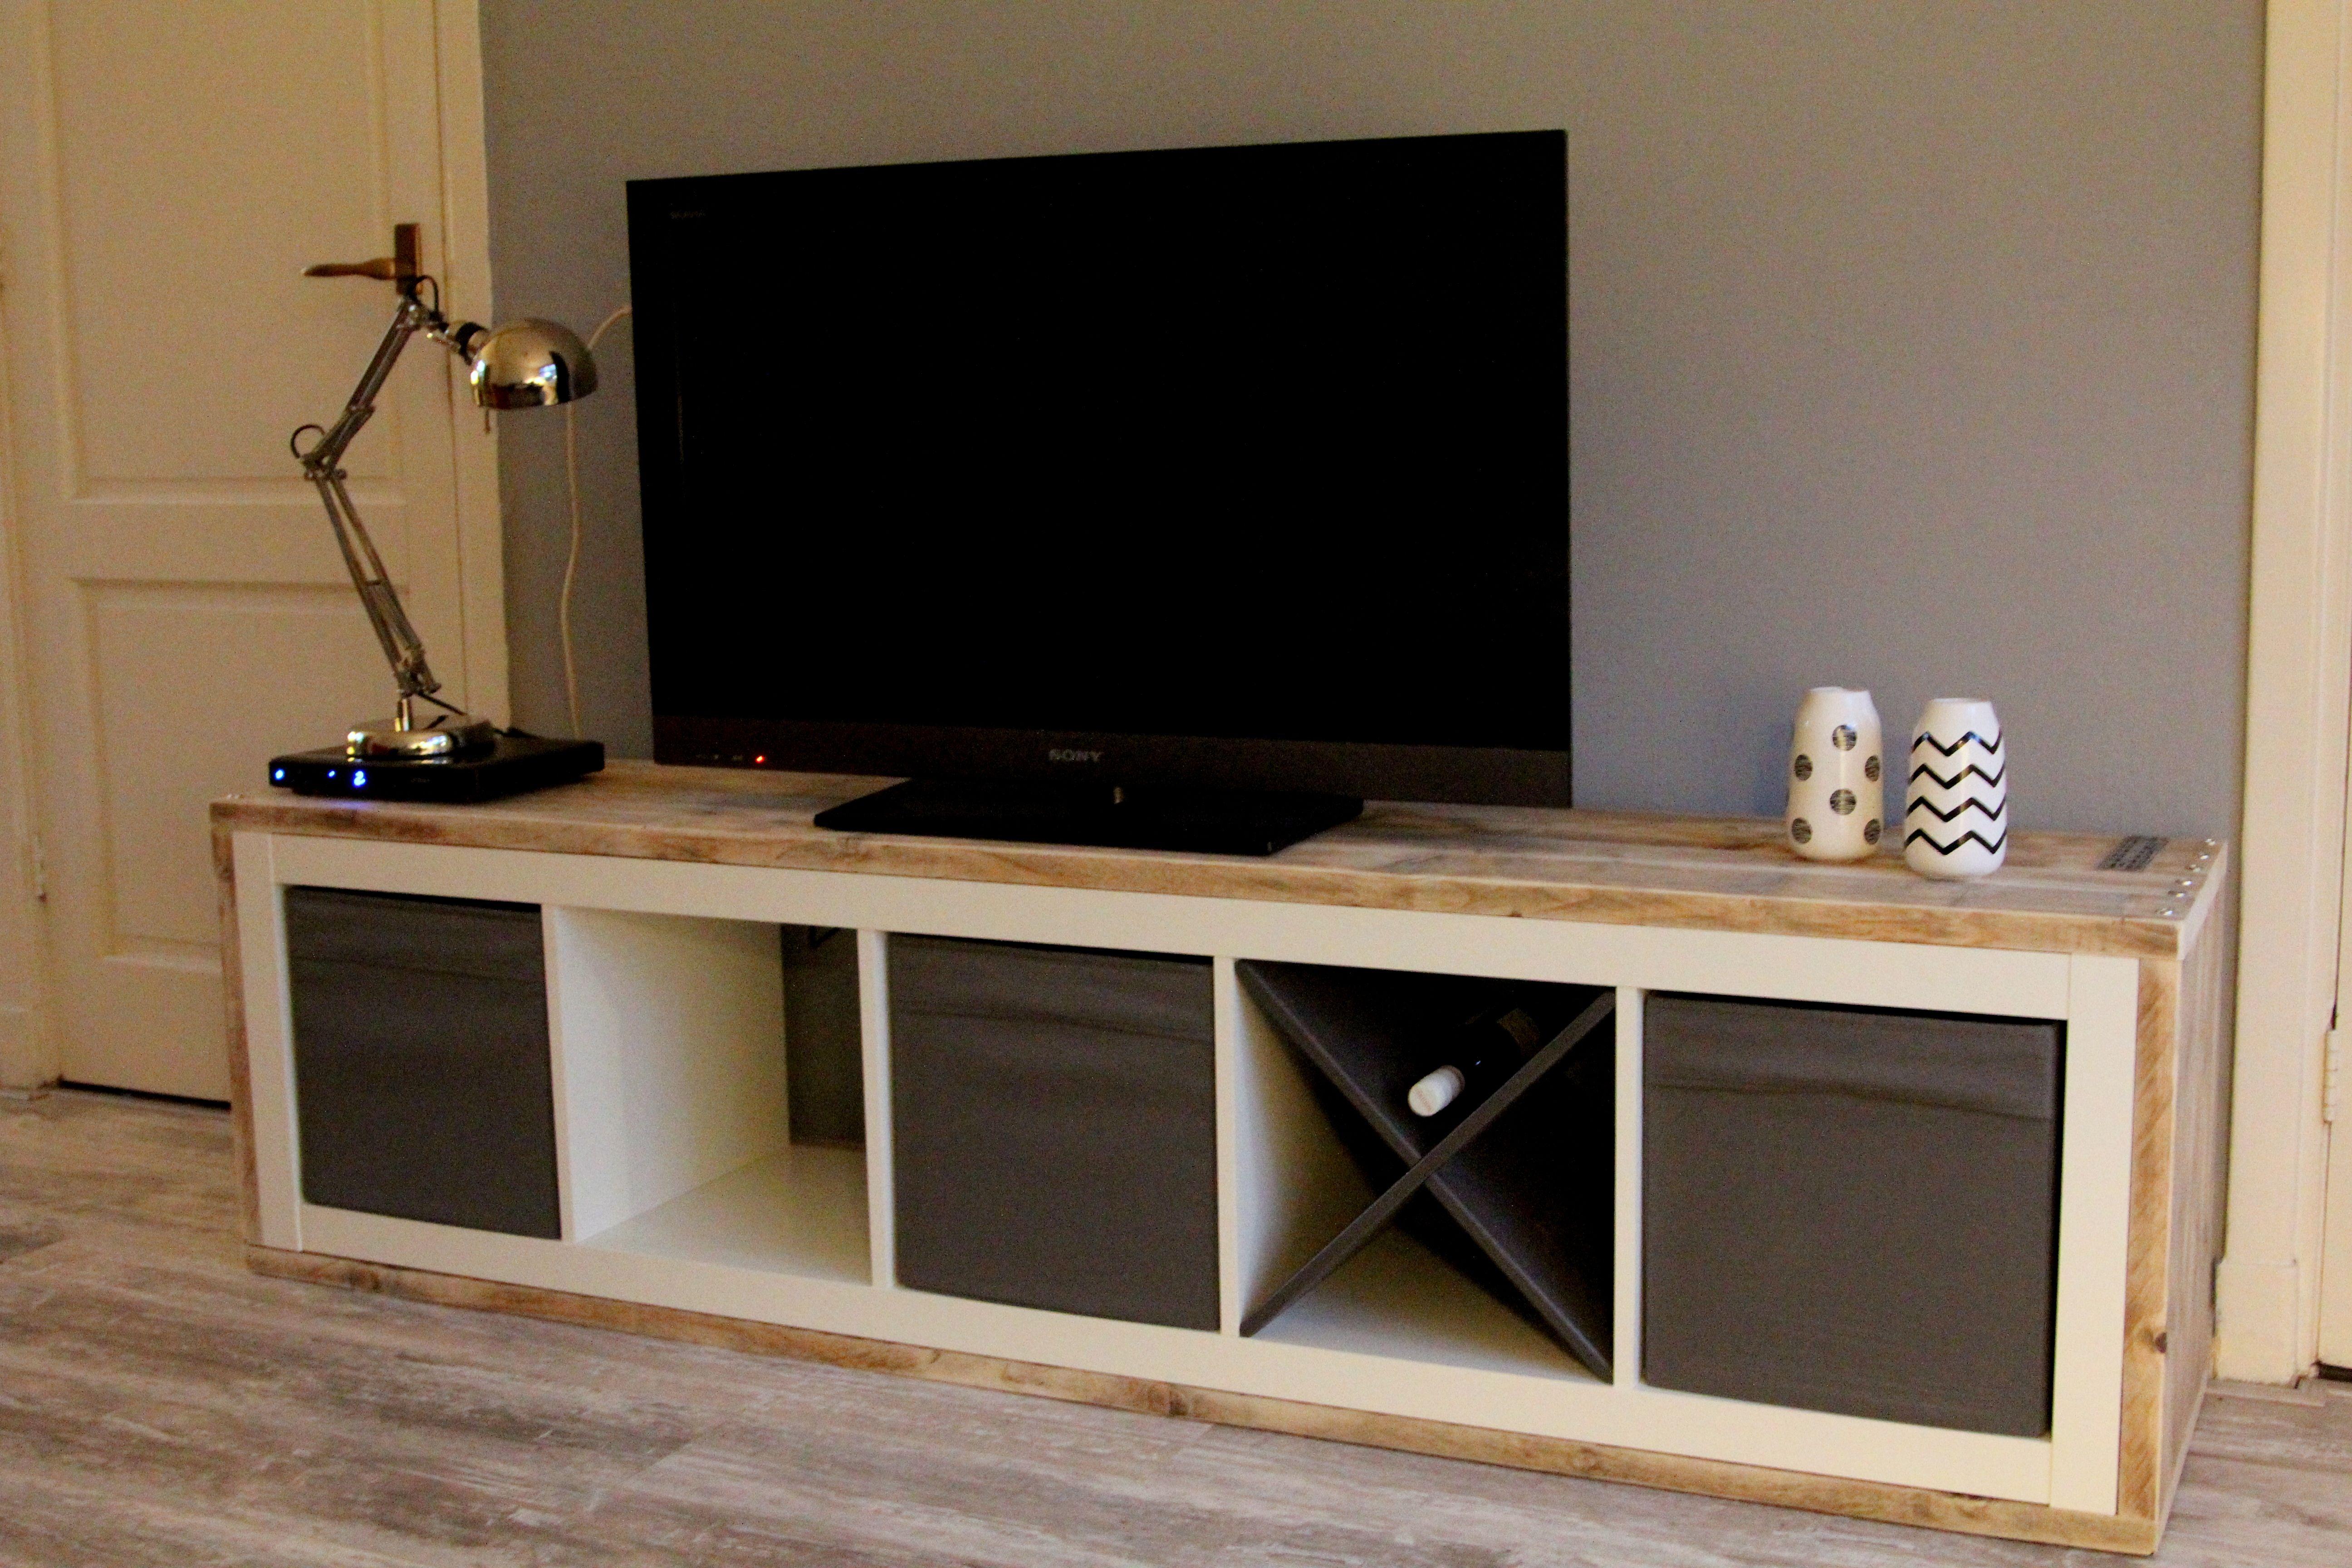 Goedkoop Tv Meubel Ikea.Oude Ikea Kast Omgebouwd Tot Tv Meubel Geheel Bekleed Met